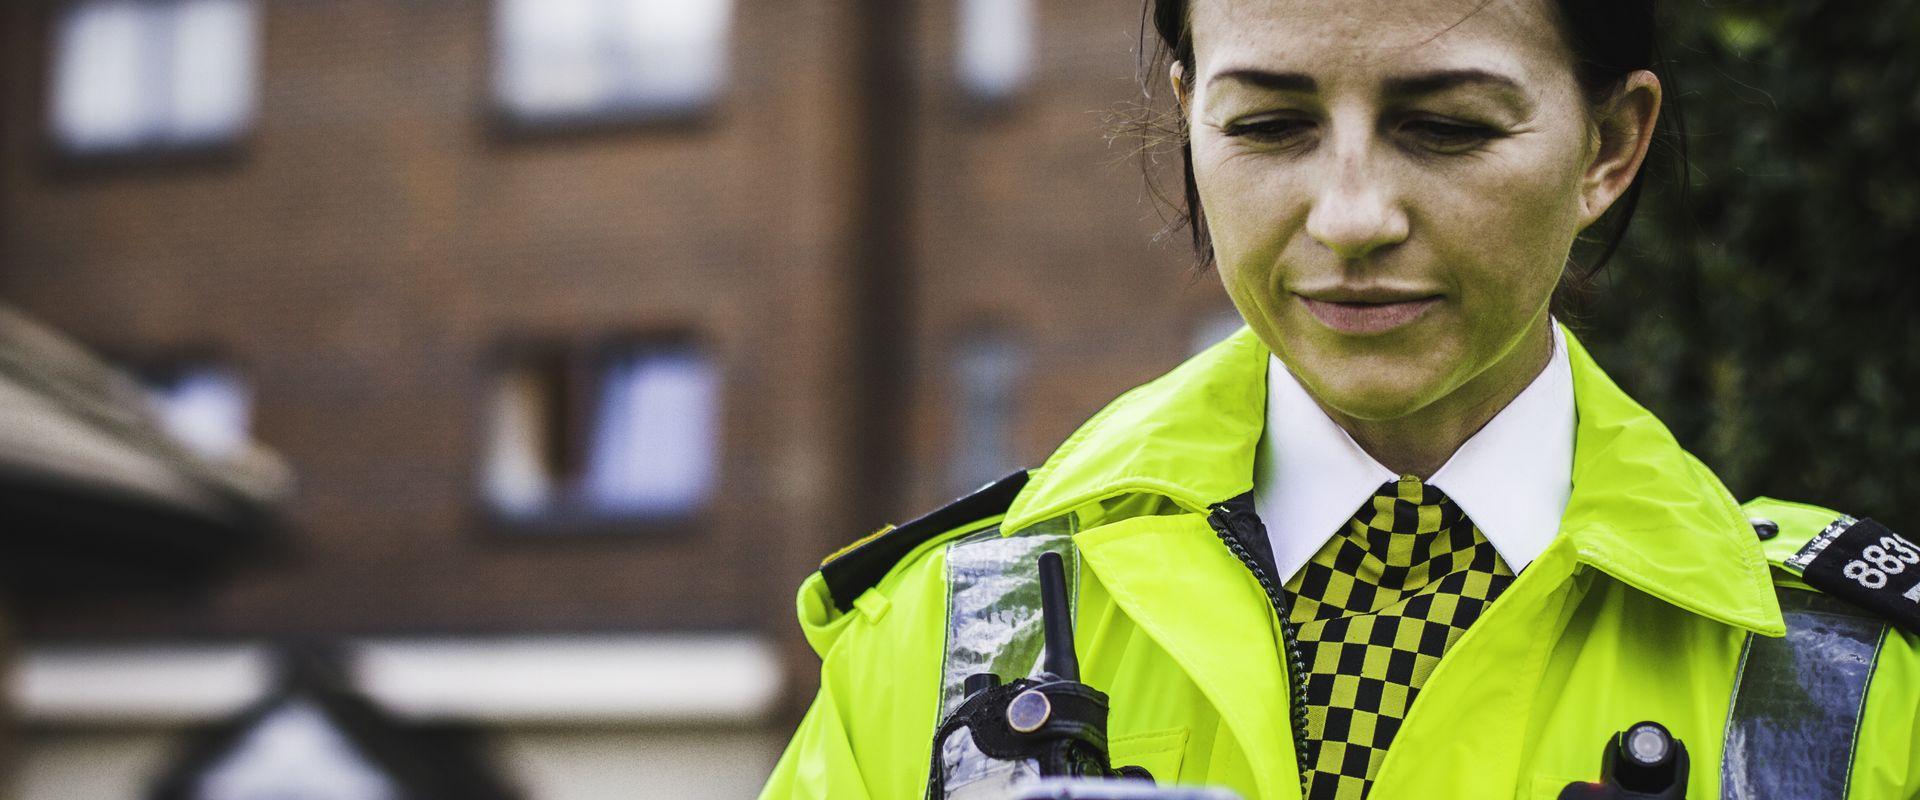 201707 UKNP Traffic Warden IMG 0199